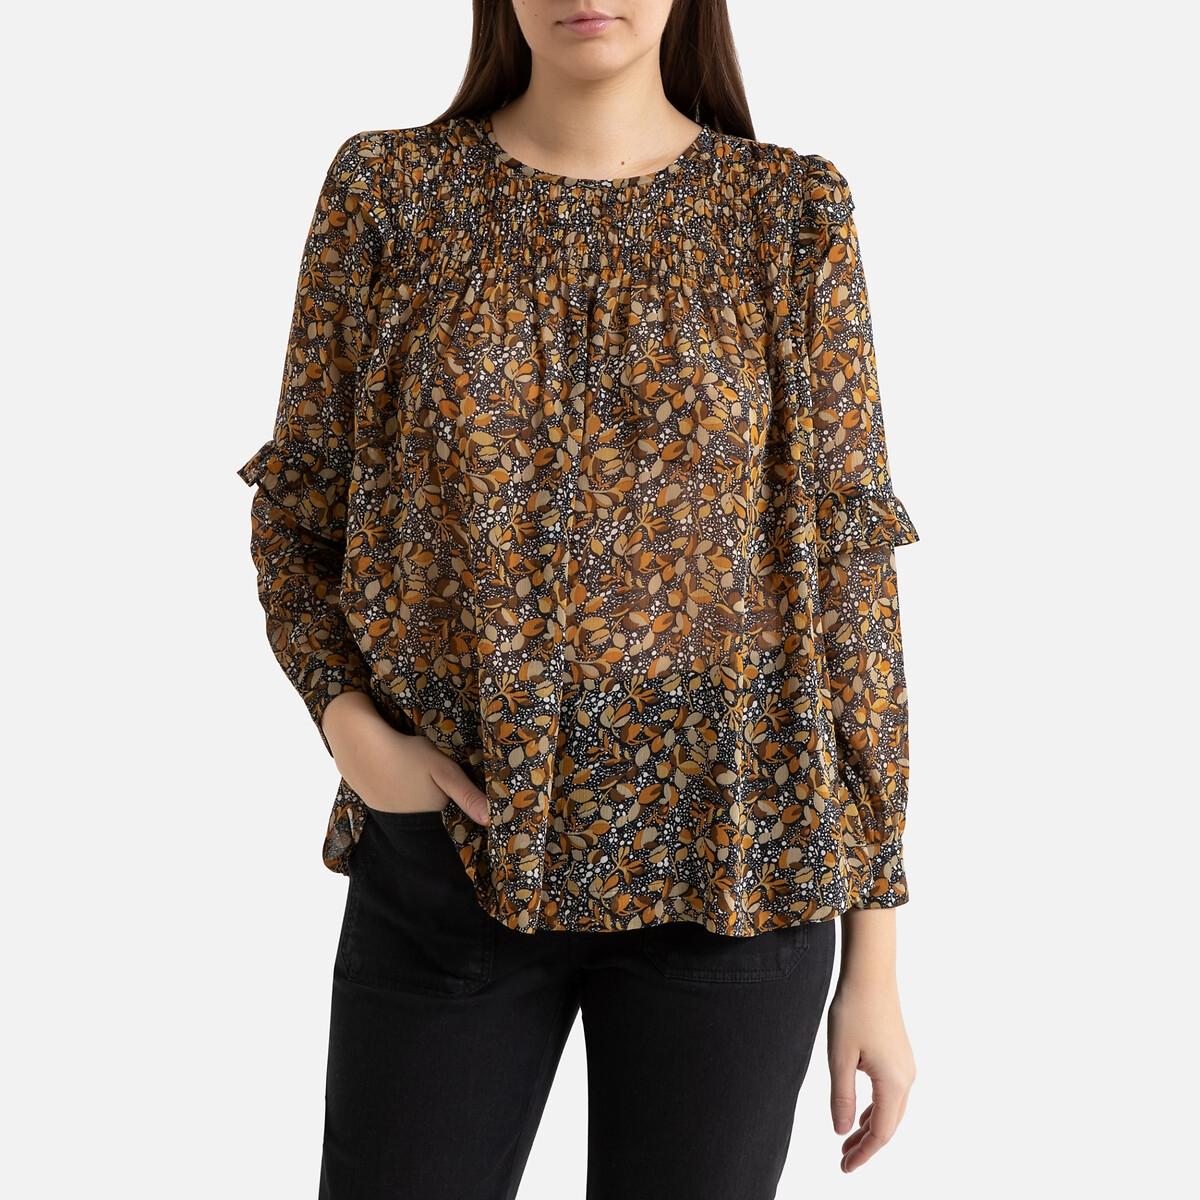 Блузка La Redoute Из вуали с принтом и длинными рукавами SMOKE 3(L) каштановый блузка la redoute из вуали с принтом и длинными рукавами smoke 3 l каштановый